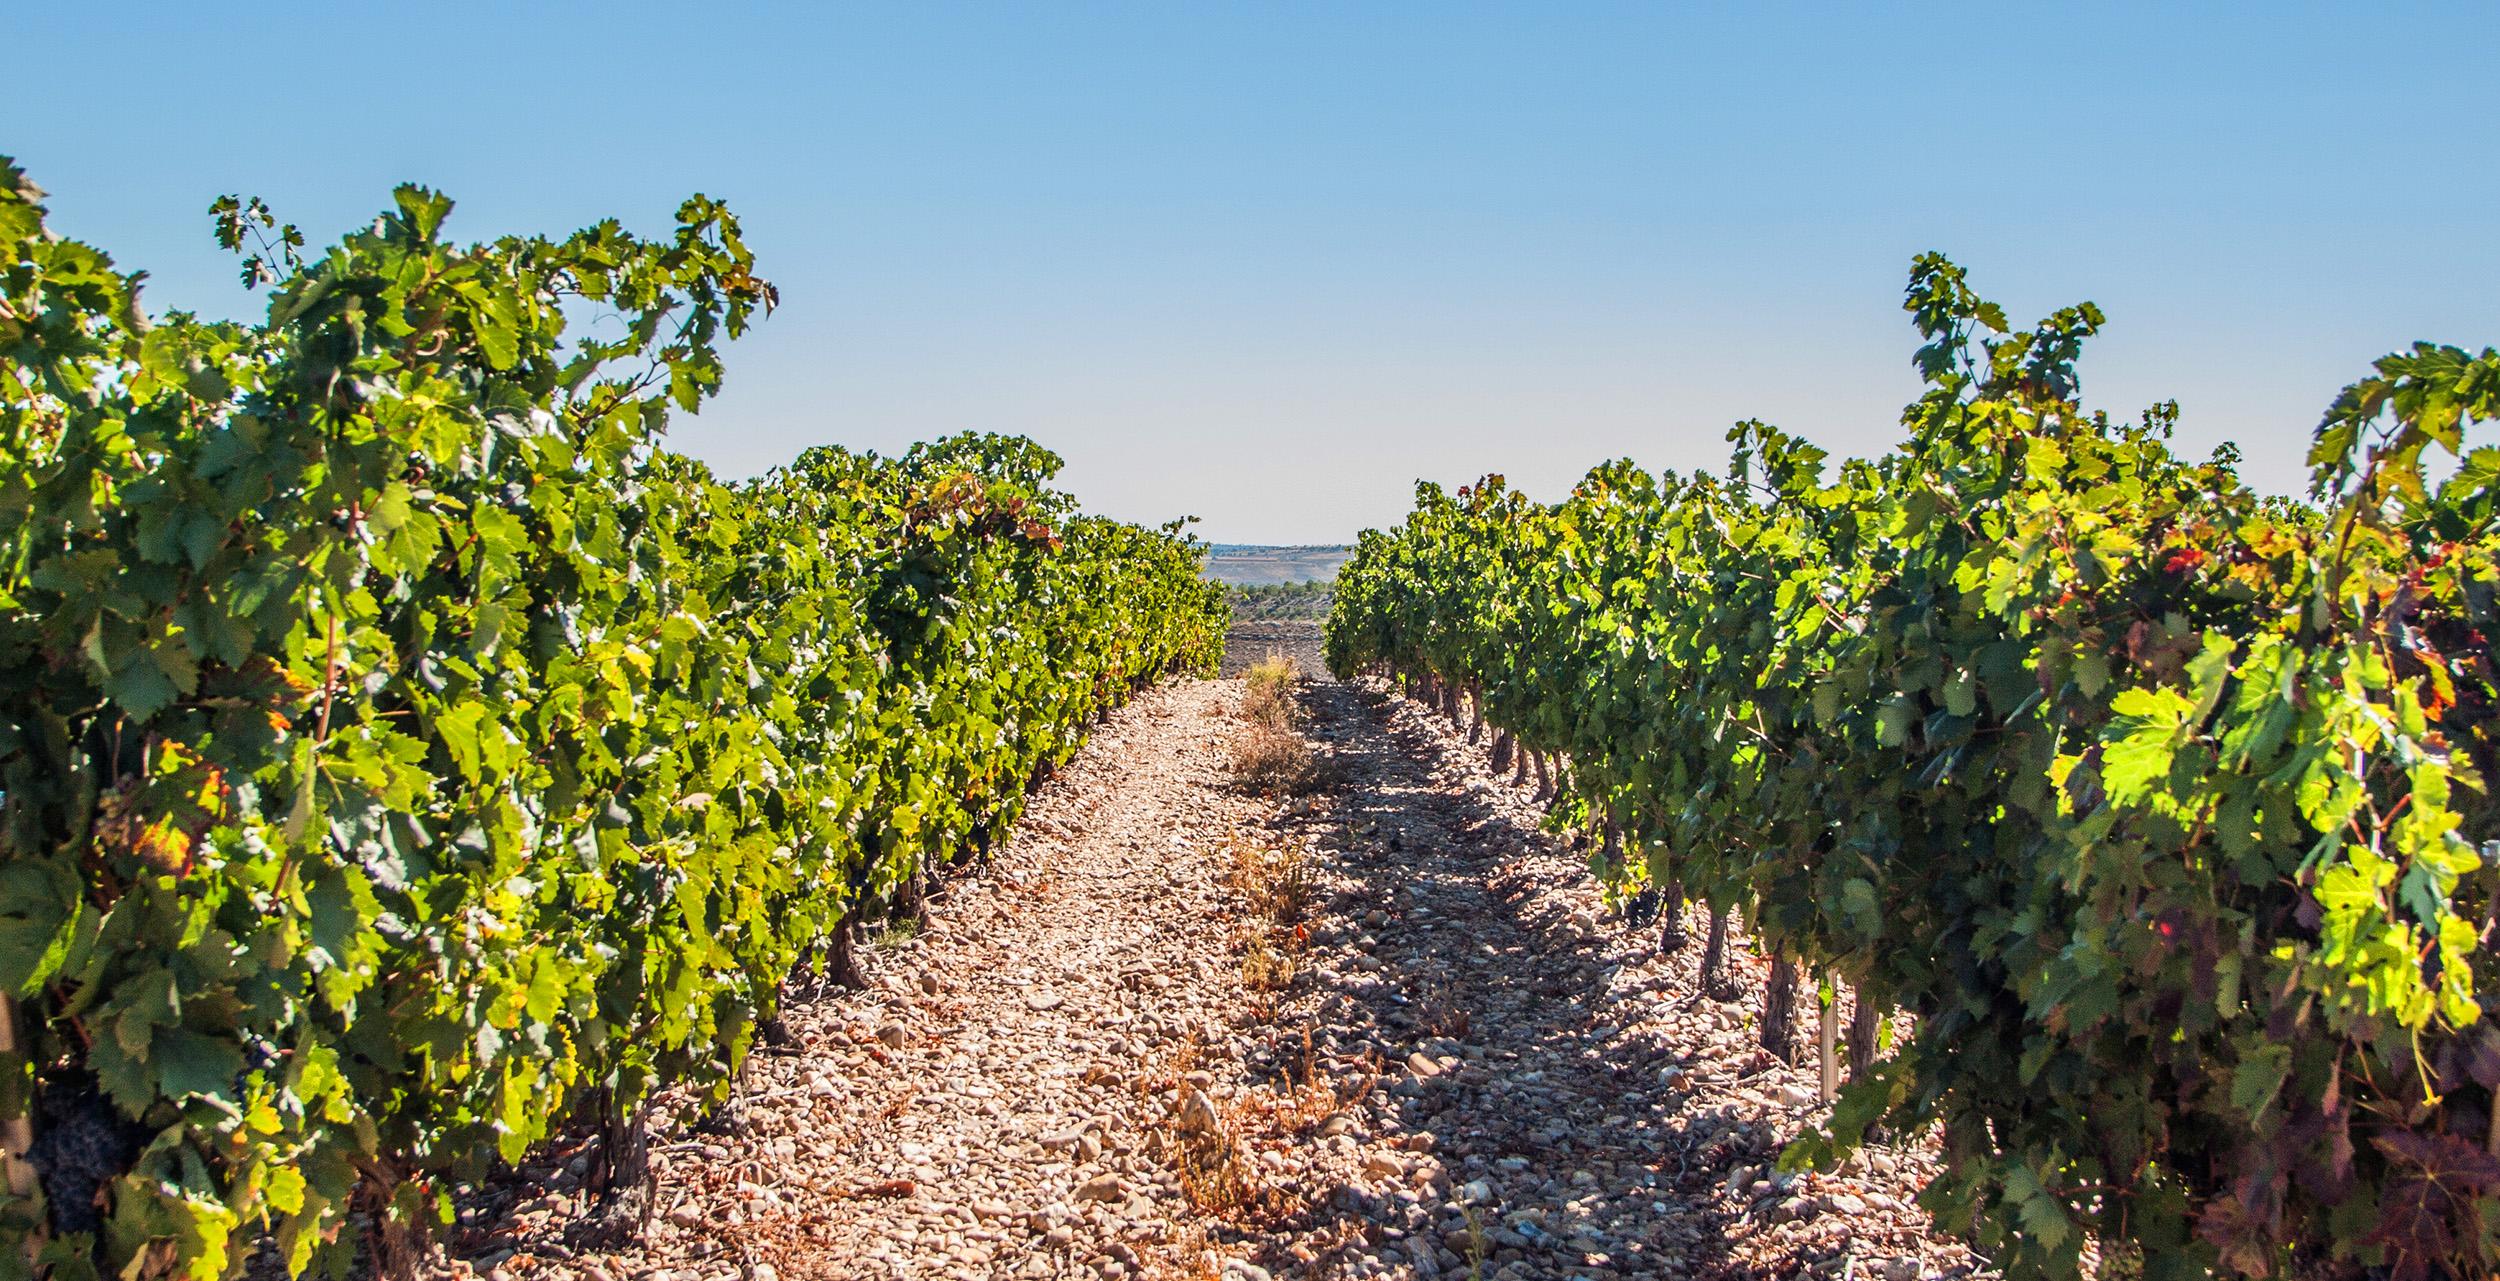 Viñas-bodega-la-milagrosa-2